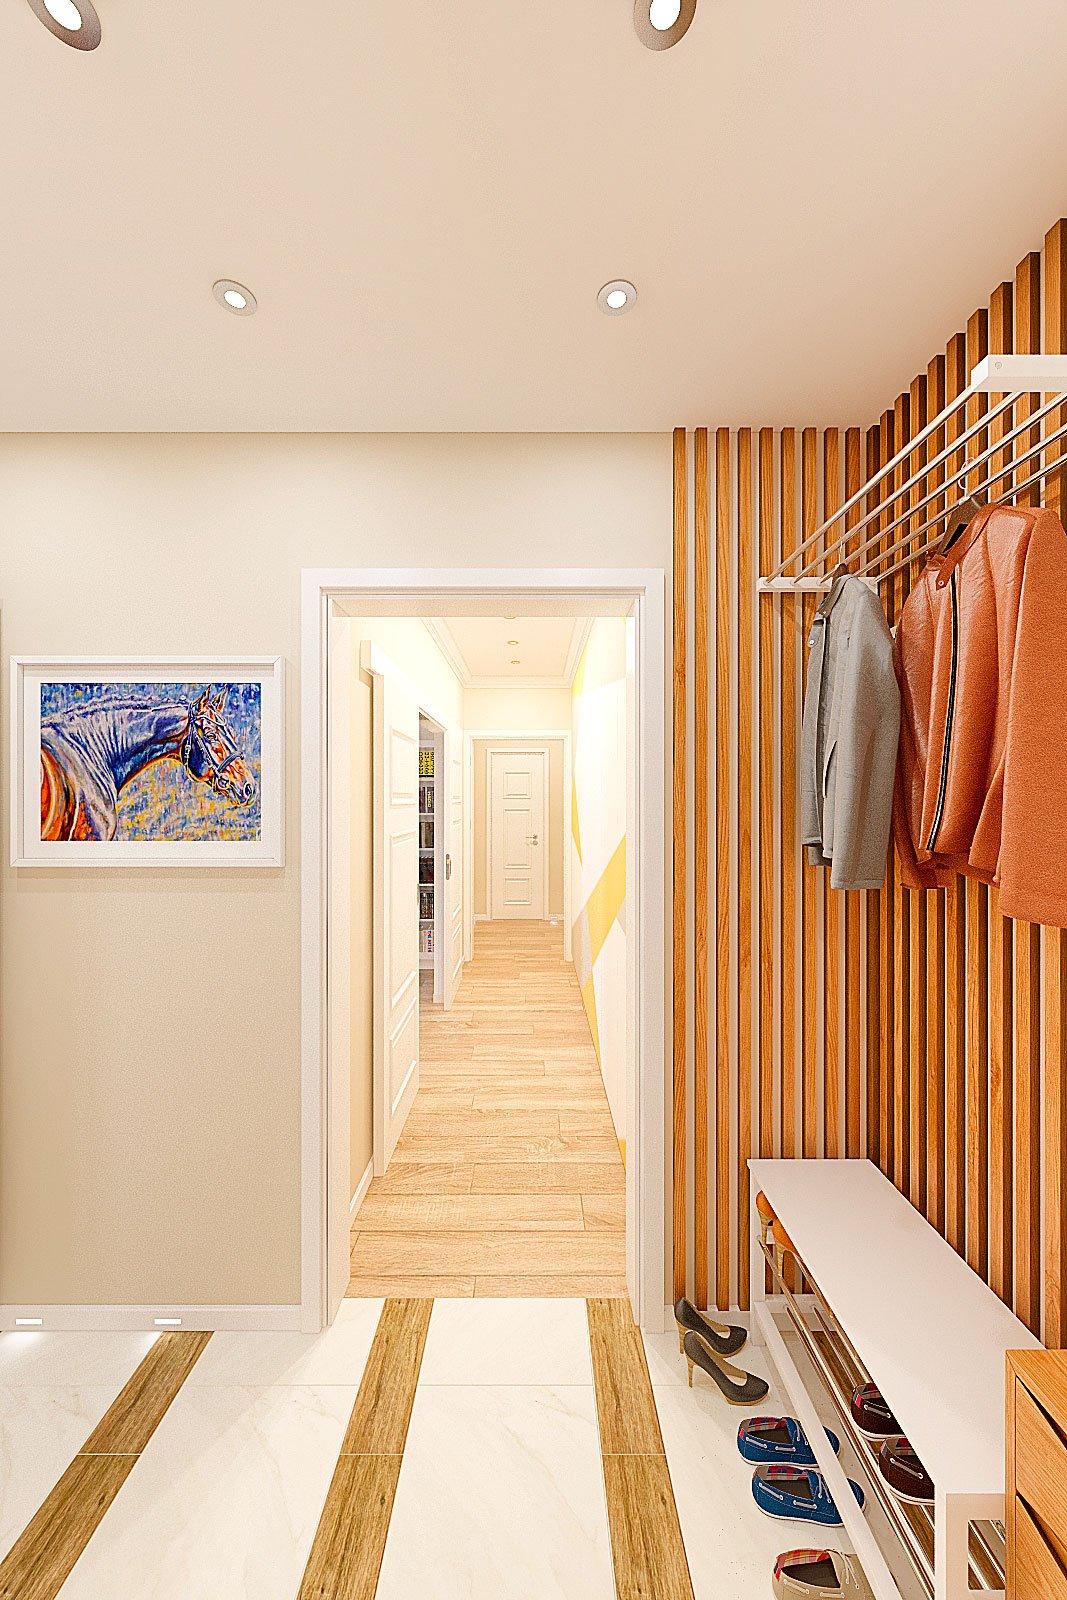 дизайн интерьера прихожей в современном стиле, Гомель 2018, фото №5